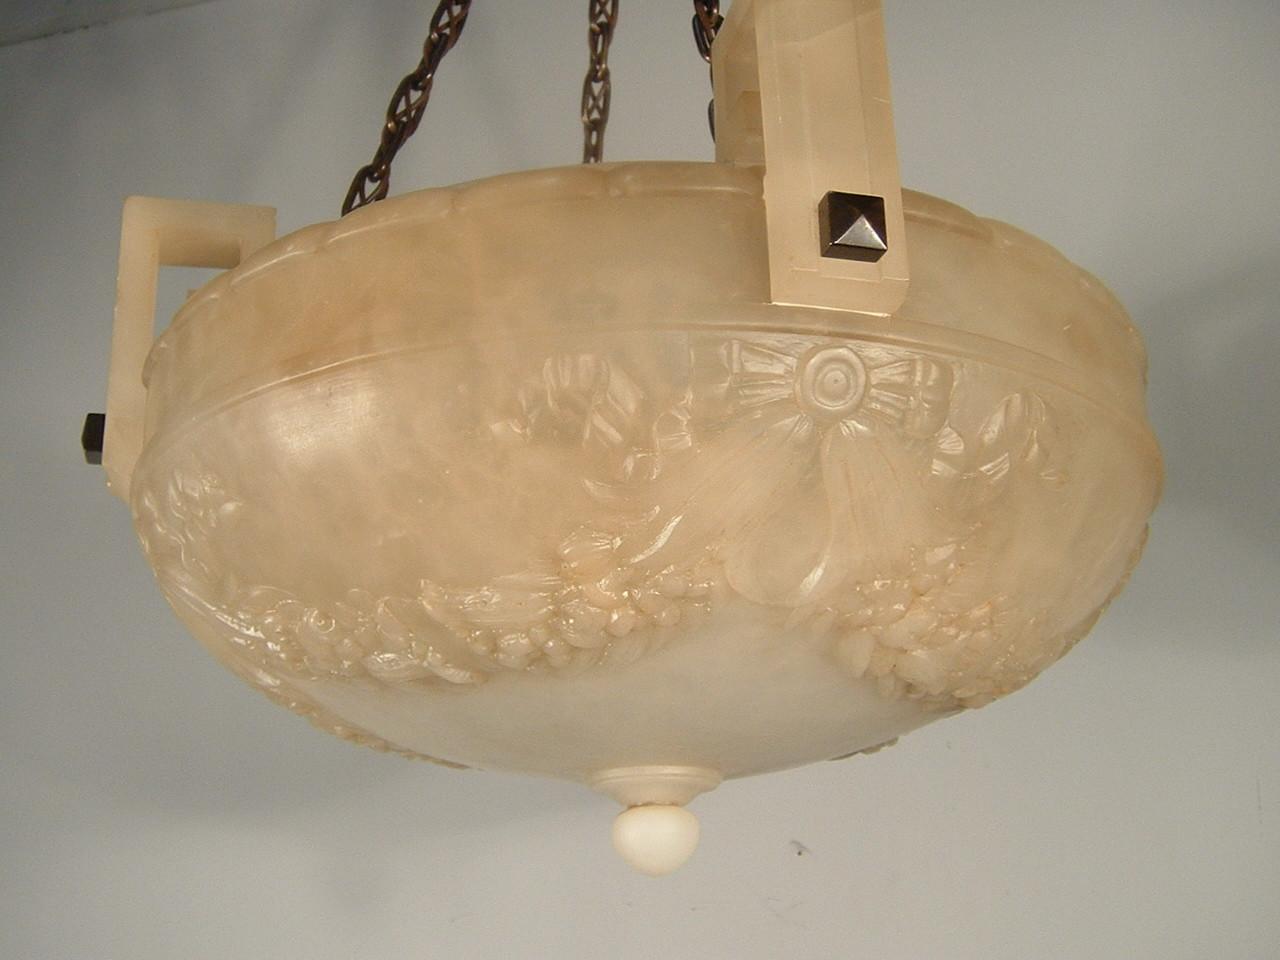 Beardslee Carved Alabaster Bowl Light Fixture